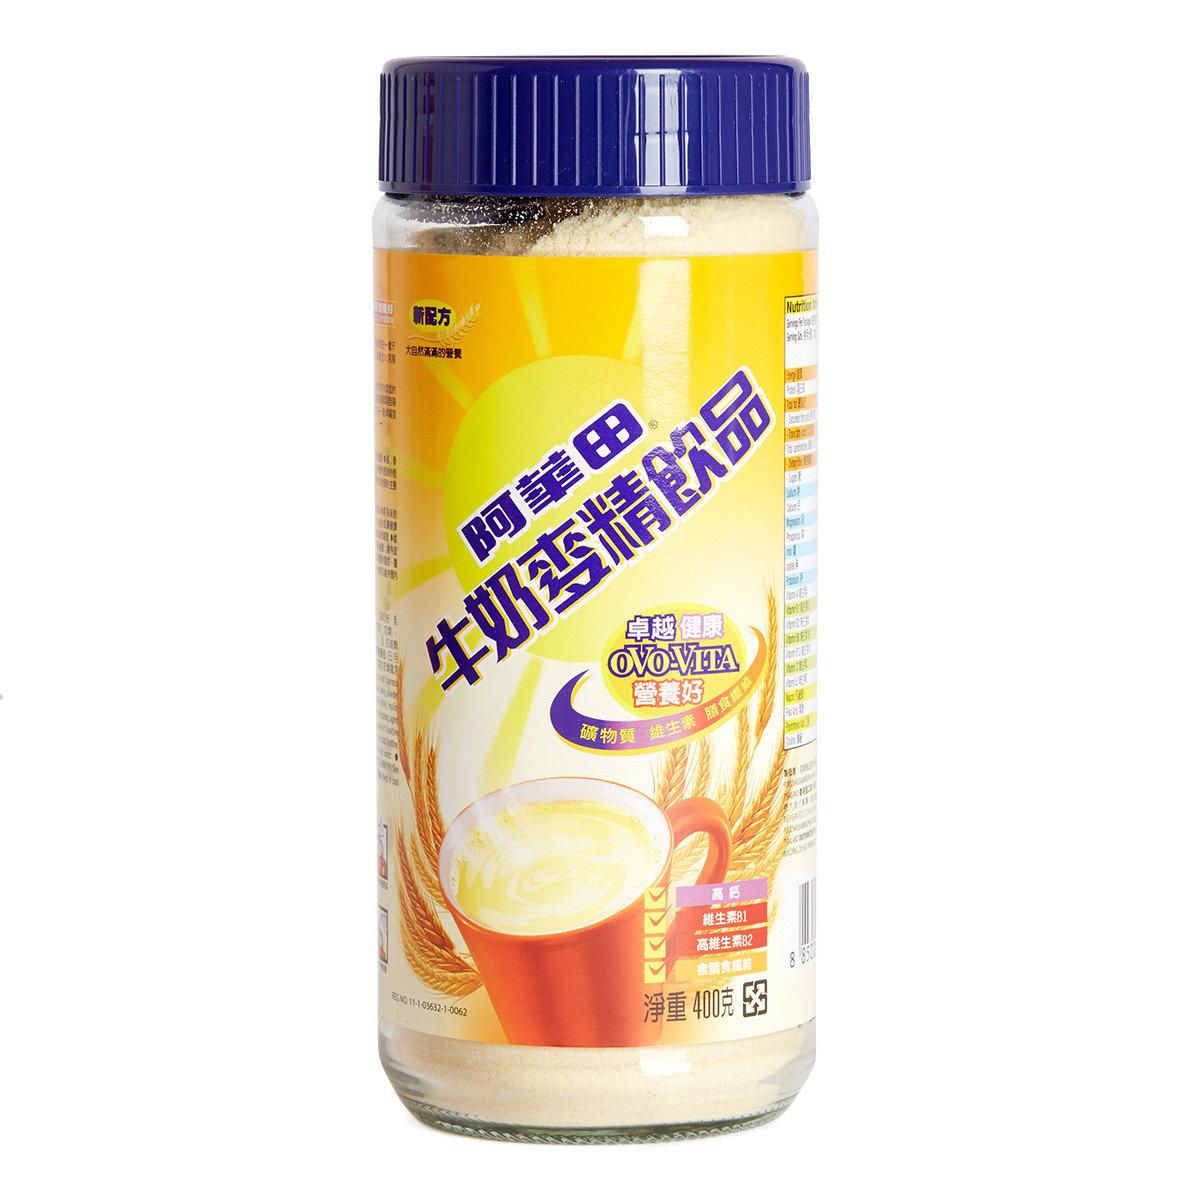 牛奶麥精飲品